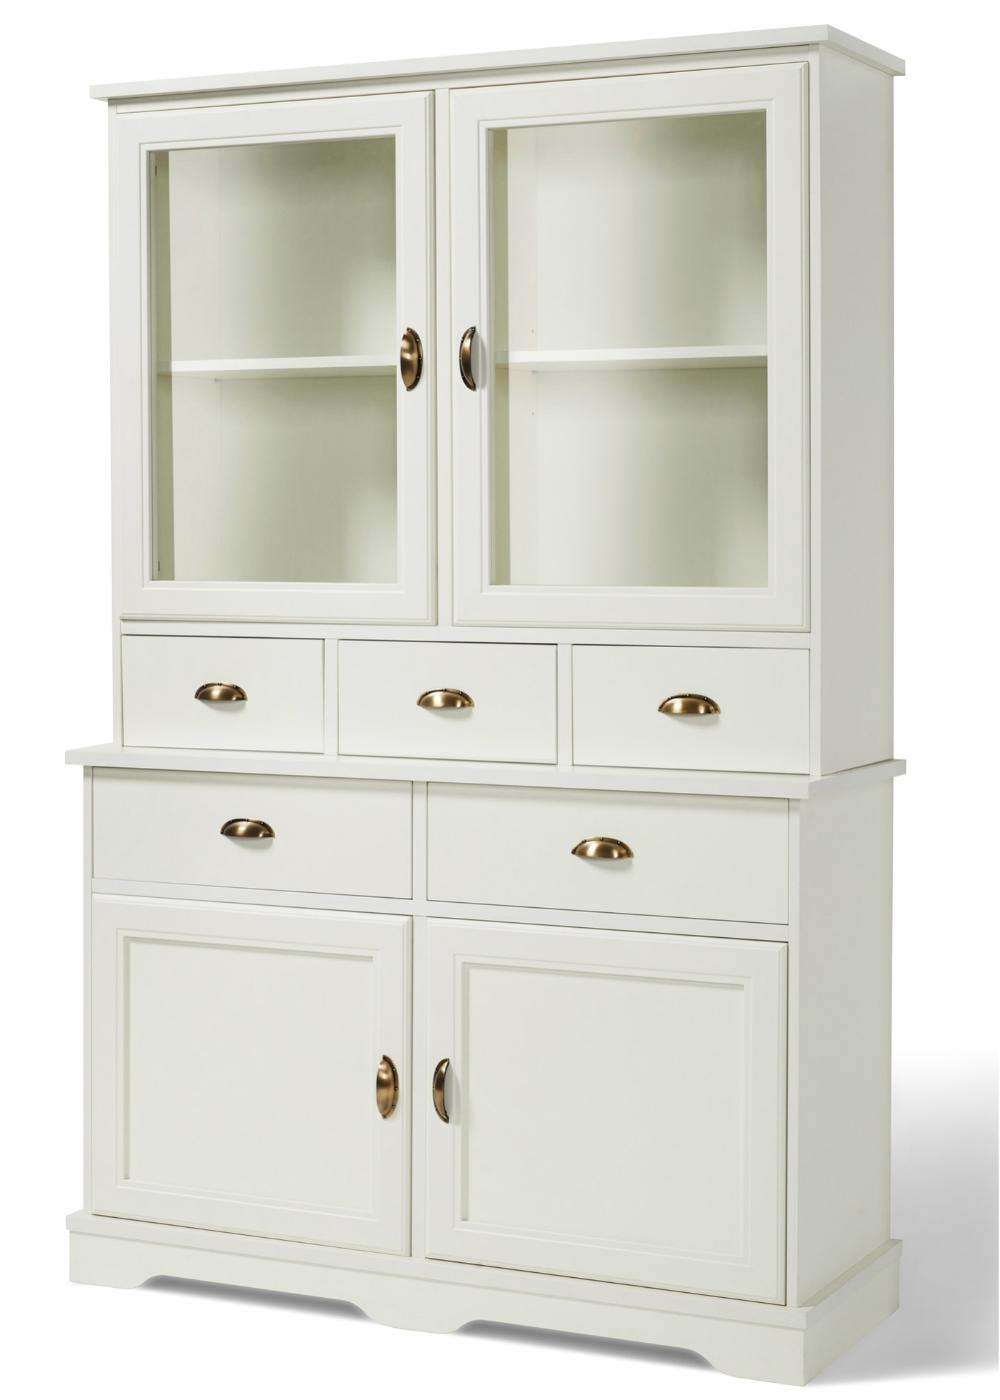 Dekorativ und praktisch: der Küchenschrank - weiß